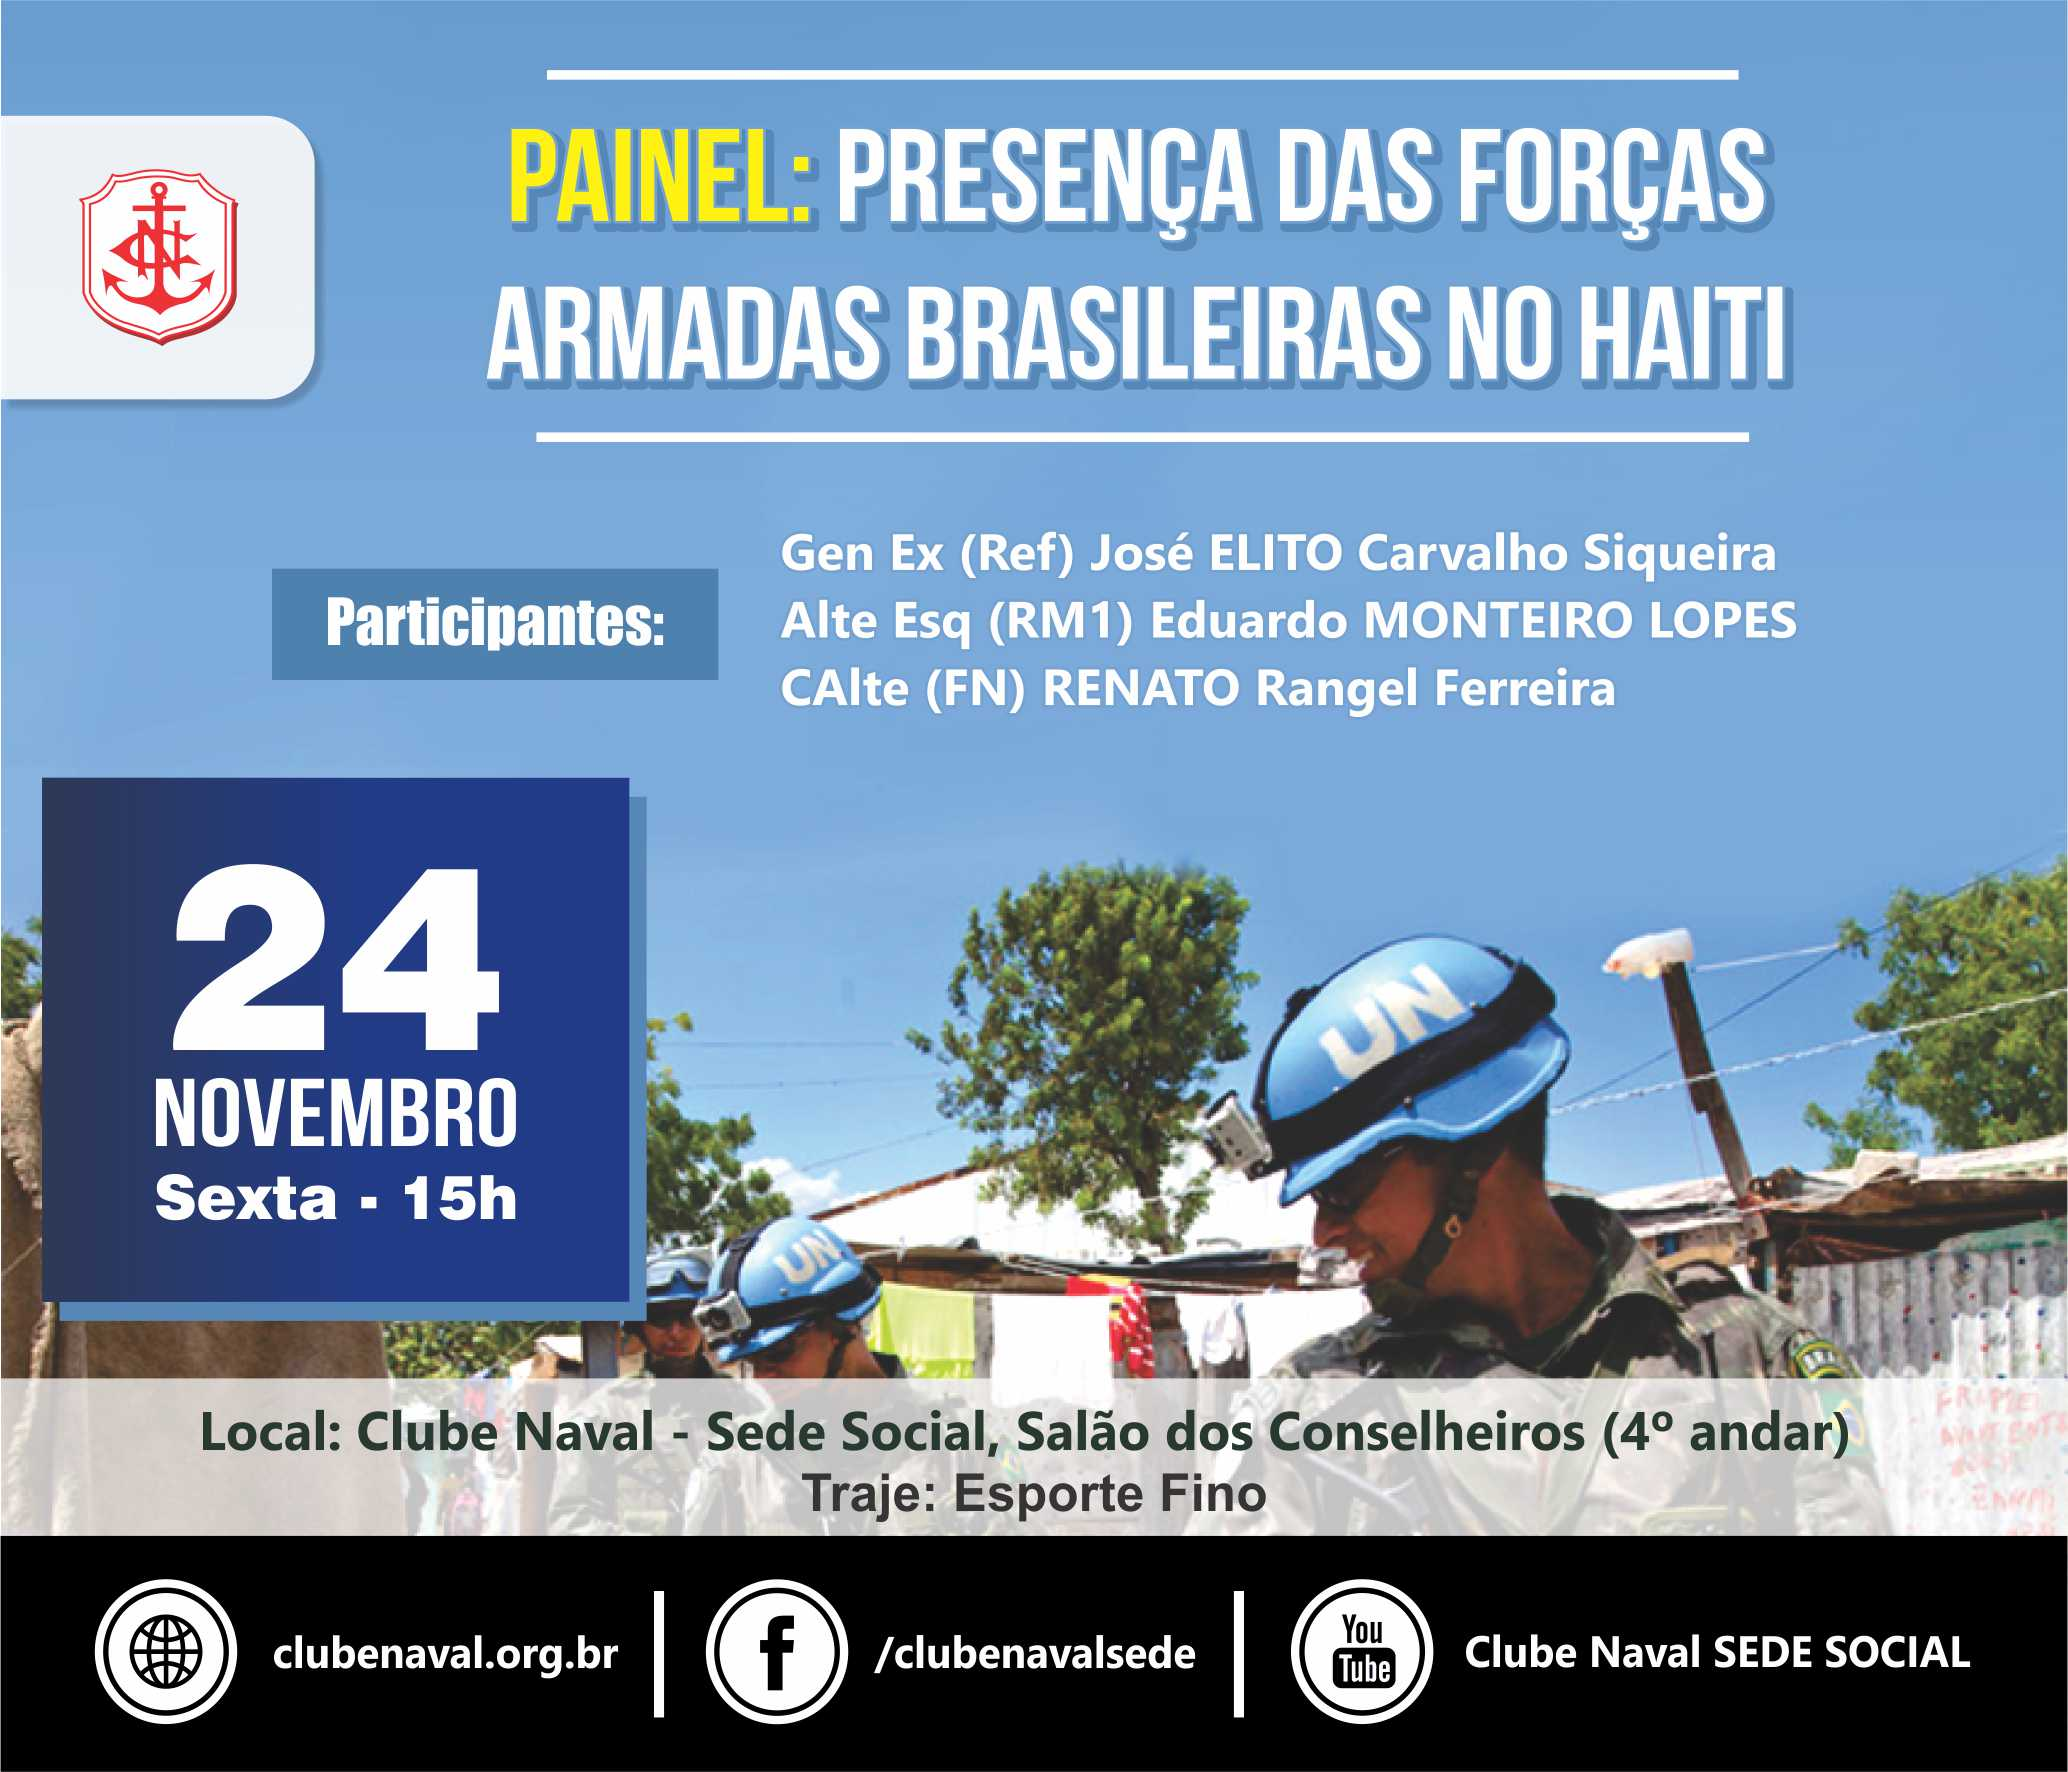 Clube Naval realiza painel sobre a Presença das Forças Armadas Brasileiras no Haiti